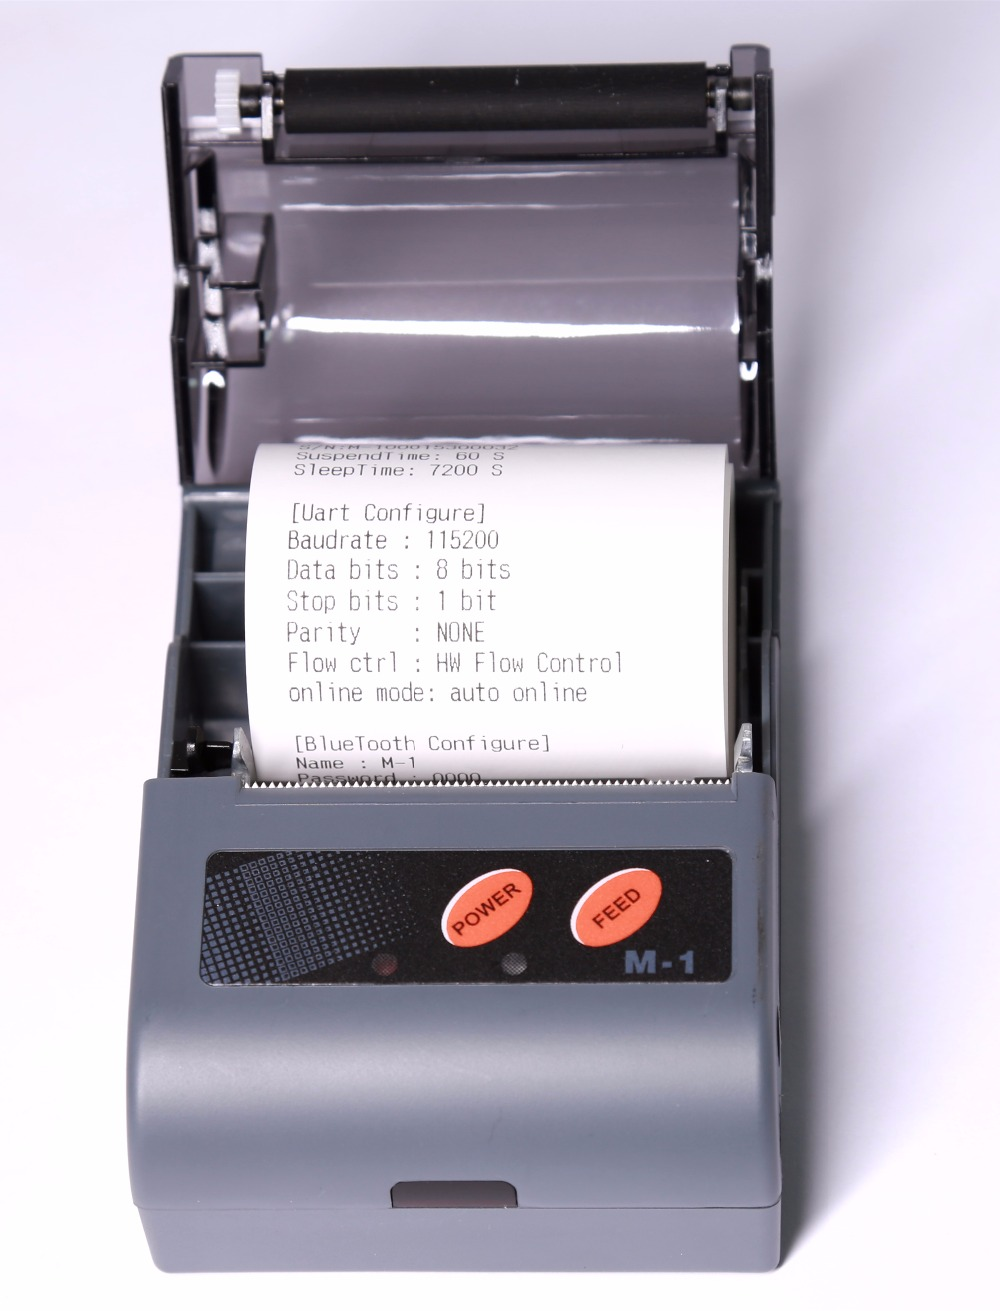 2 дюймов 58 мм Мини <font><b>impressora</b></font> Портативный принтер, <font><b>bluetooth</b></font>-принтер android принтер штрих-код принтер с bluetoo USB RS232 LS2 (l)